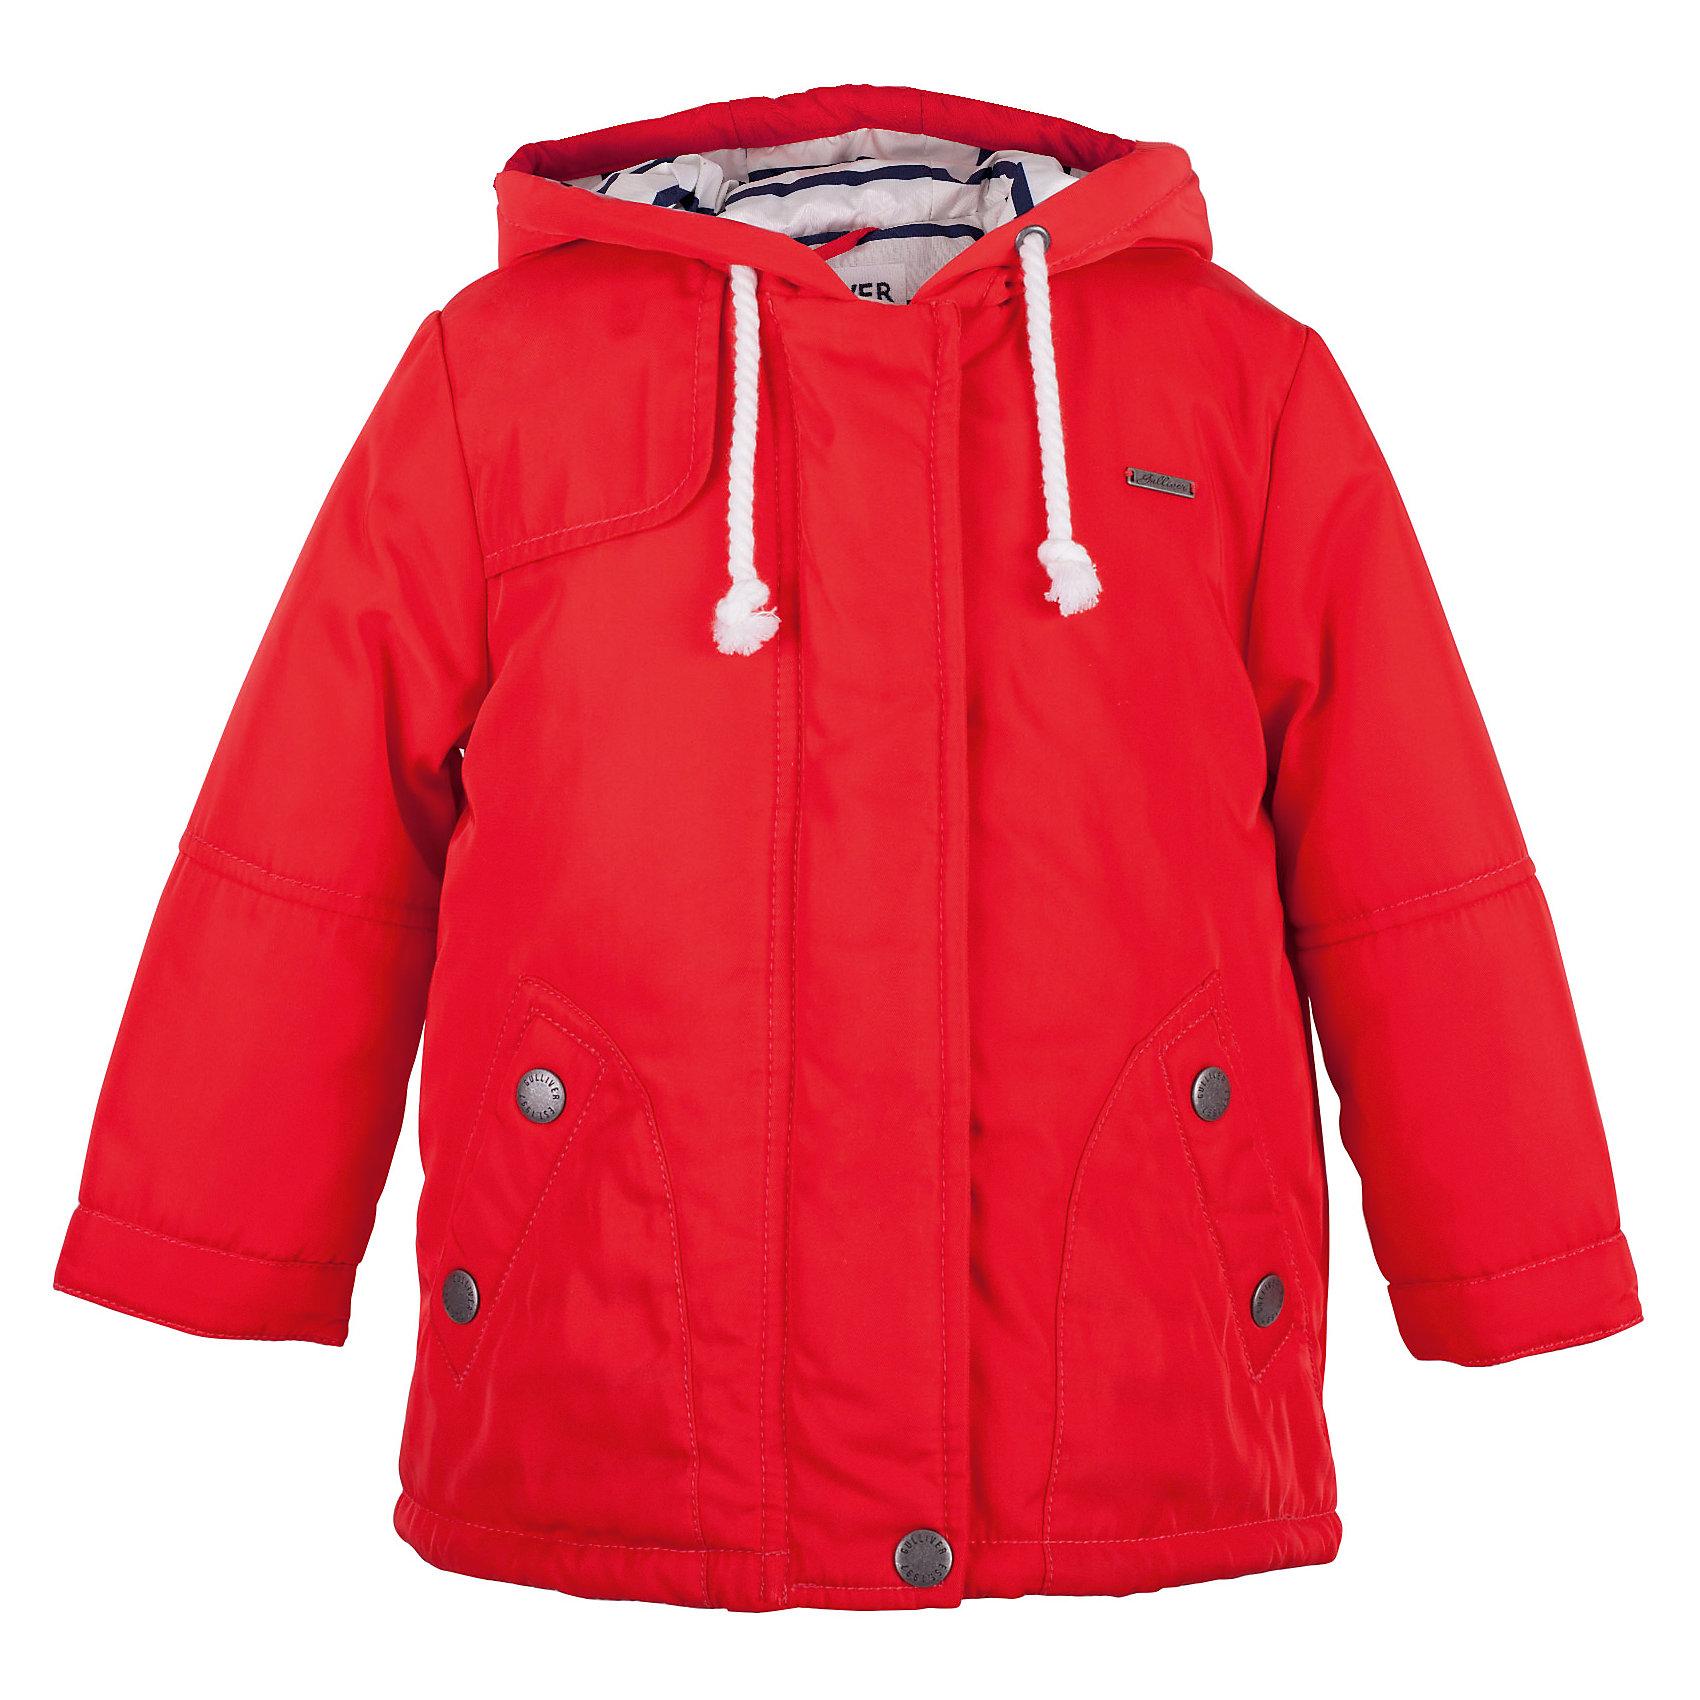 Пальто для девочки GulliverВерхняя одежда<br>Купить детское пальто для весны, значит, позаботиться о комфорте ребенка в период межсезонья, когда уже так хочется одеться легко и ярко, но погода еще бывает весьма обманчива. Коралловое пальто на синтепоне создает настроение, притягивая солнечные лучи и восхищенные взгляды! Удобный крой, продуманные функциональные детали гарантируют комфорт и удобство в повседневной носке. Изюминка этого пальто для девочек - эффектная полосатая подкладка со значительным содержанием хлопка, создающая динамику и выразительный контраст.<br>Состав:<br>верх:  100% полиэстер; подкладка:  50% хлопок  50% полиэстер; утеплитель: 100% полиэстер<br><br>Ширина мм: 356<br>Глубина мм: 10<br>Высота мм: 245<br>Вес г: 519<br>Цвет: розовый<br>Возраст от месяцев: 48<br>Возраст до месяцев: 60<br>Пол: Женский<br>Возраст: Детский<br>Размер: 110,98,104,116<br>SKU: 5483680